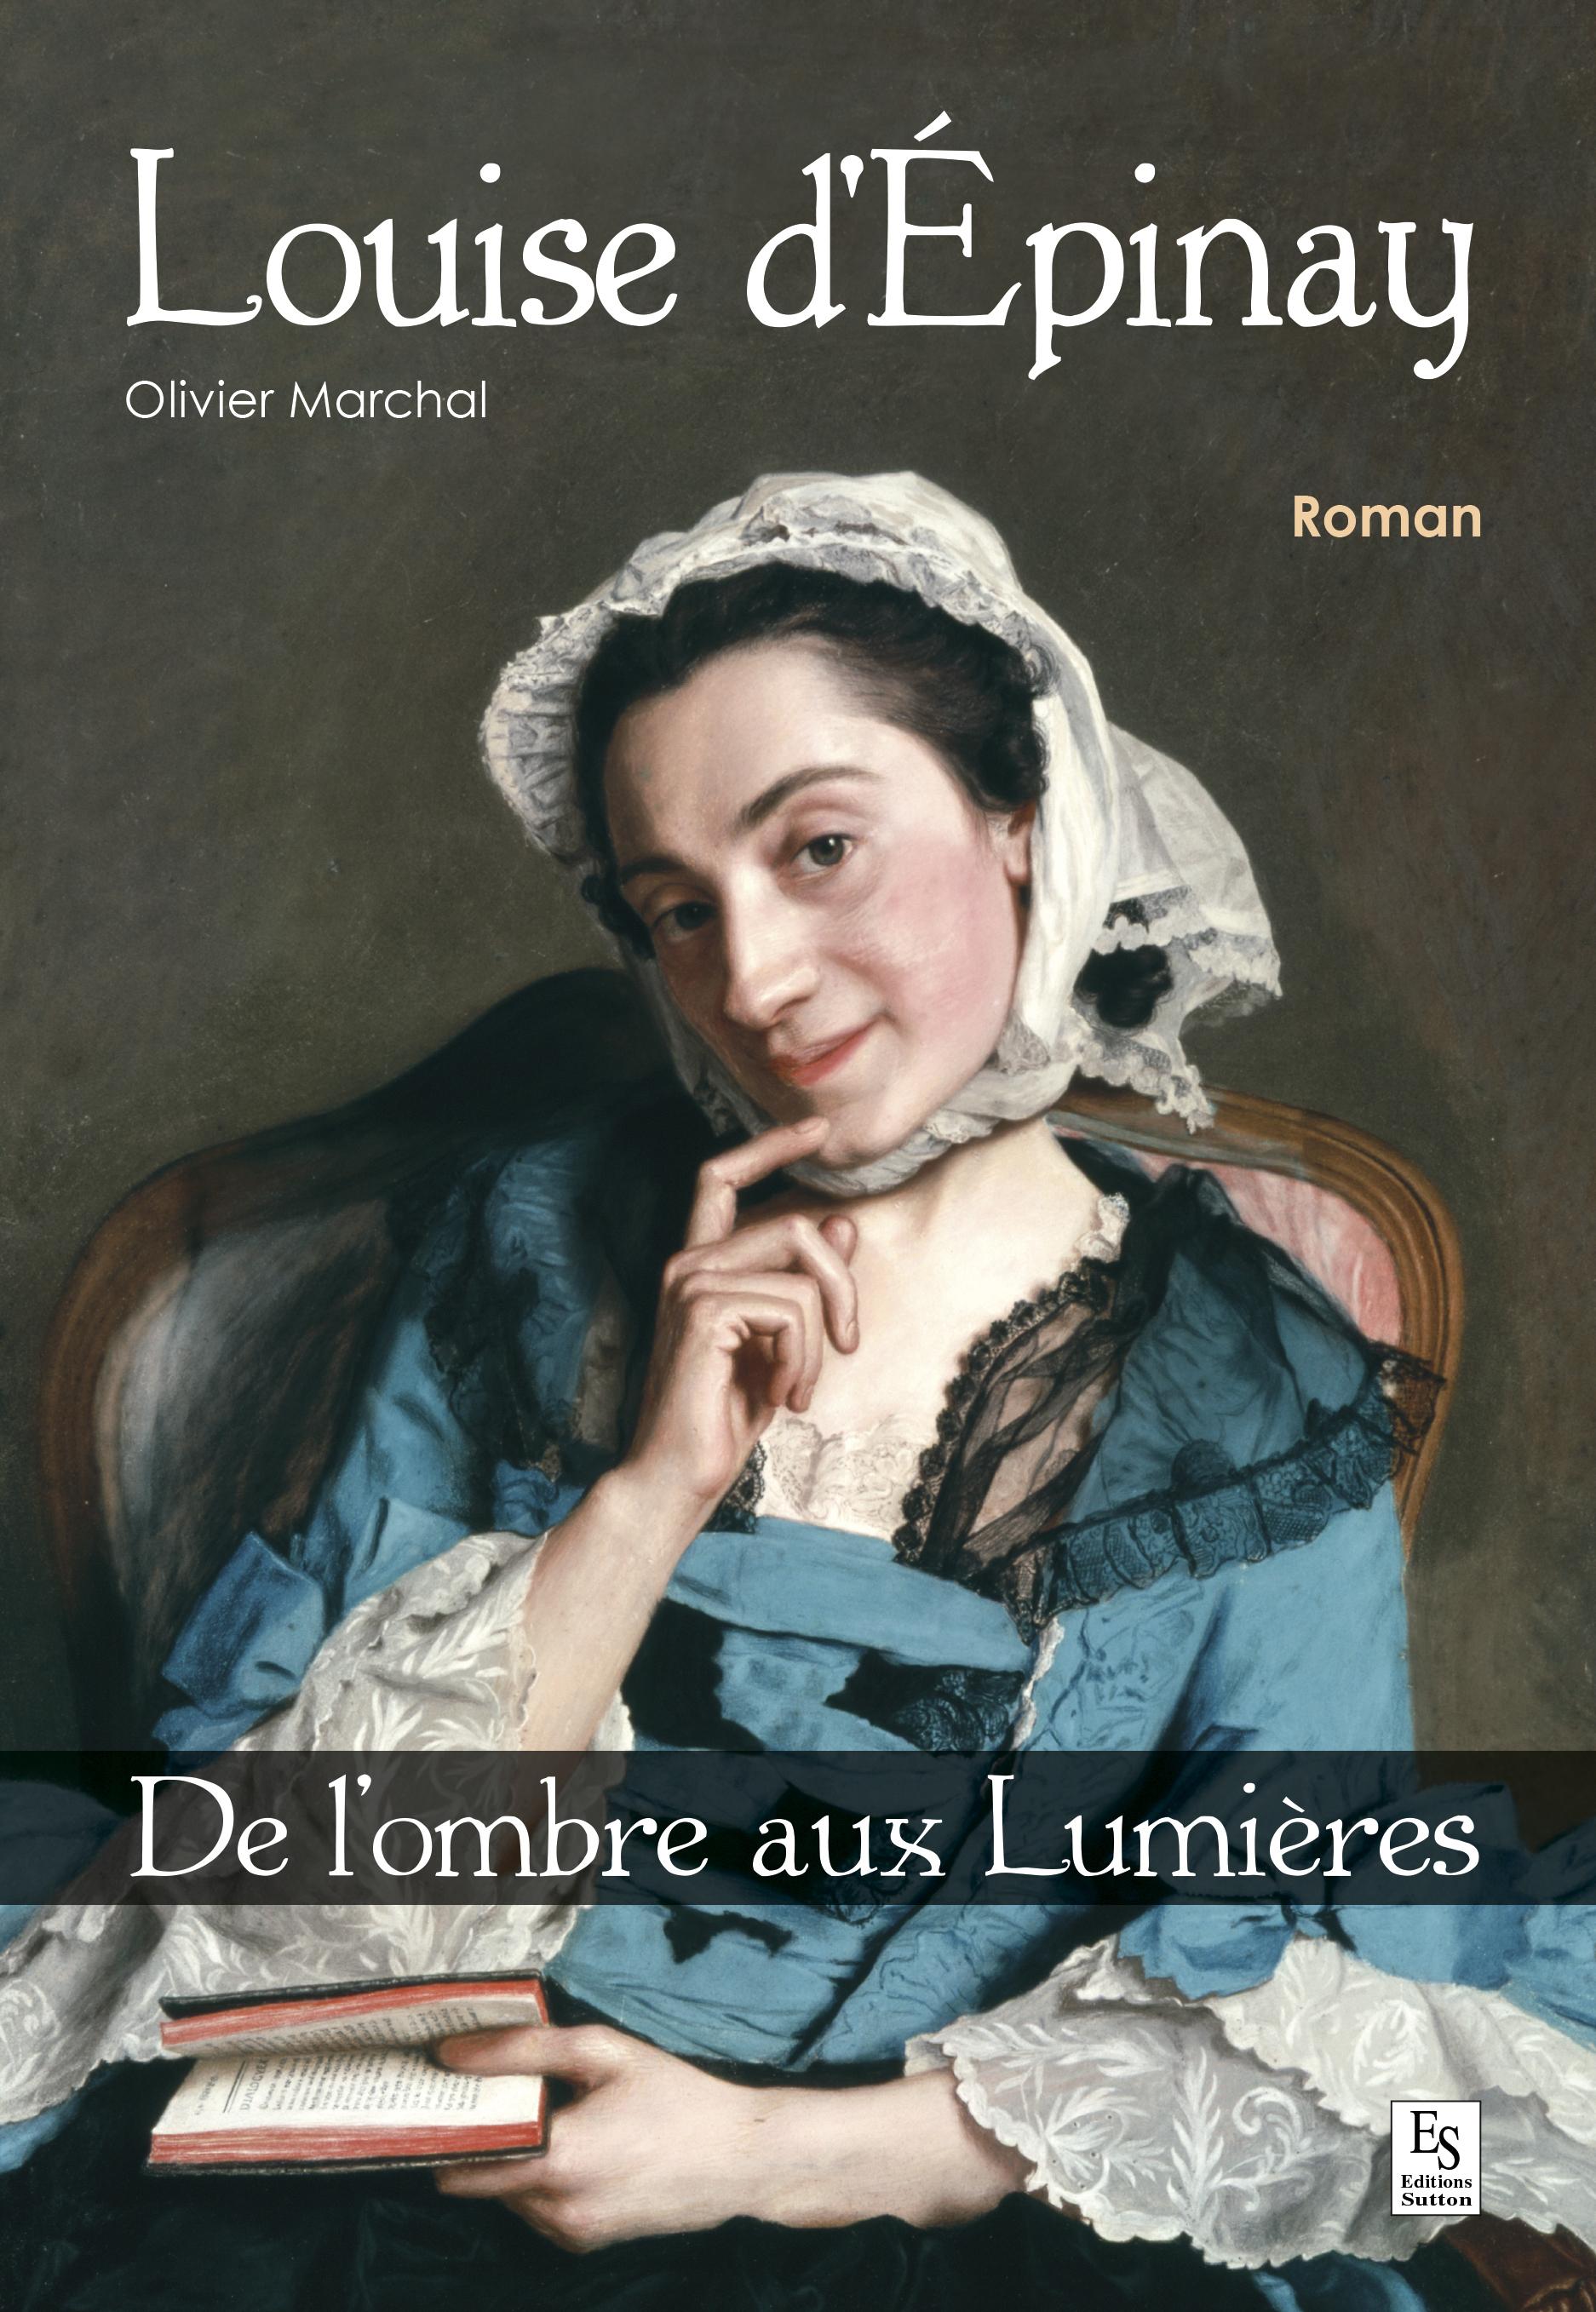 LOUISE D'EPINAY - DE L'OMBRE AUX LUMIERES